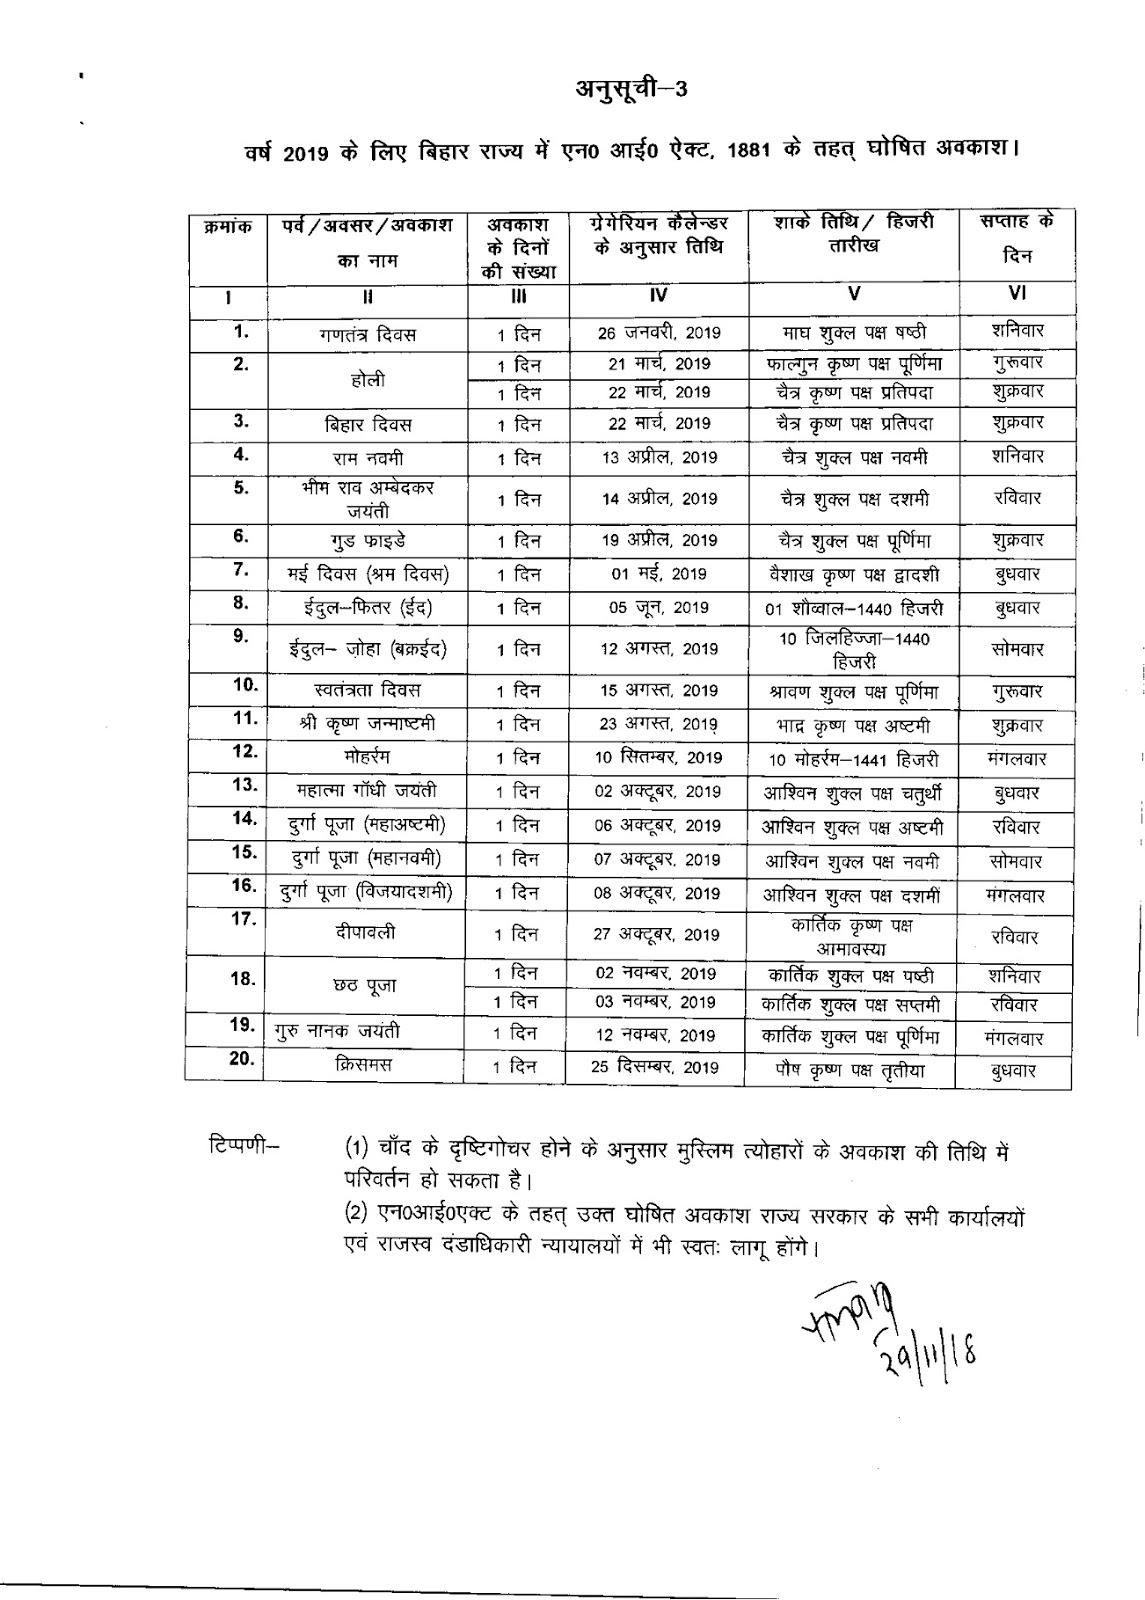 Bihar Government Calendar 2019 #educratsweb in Bihar Govt 2020 Calendar